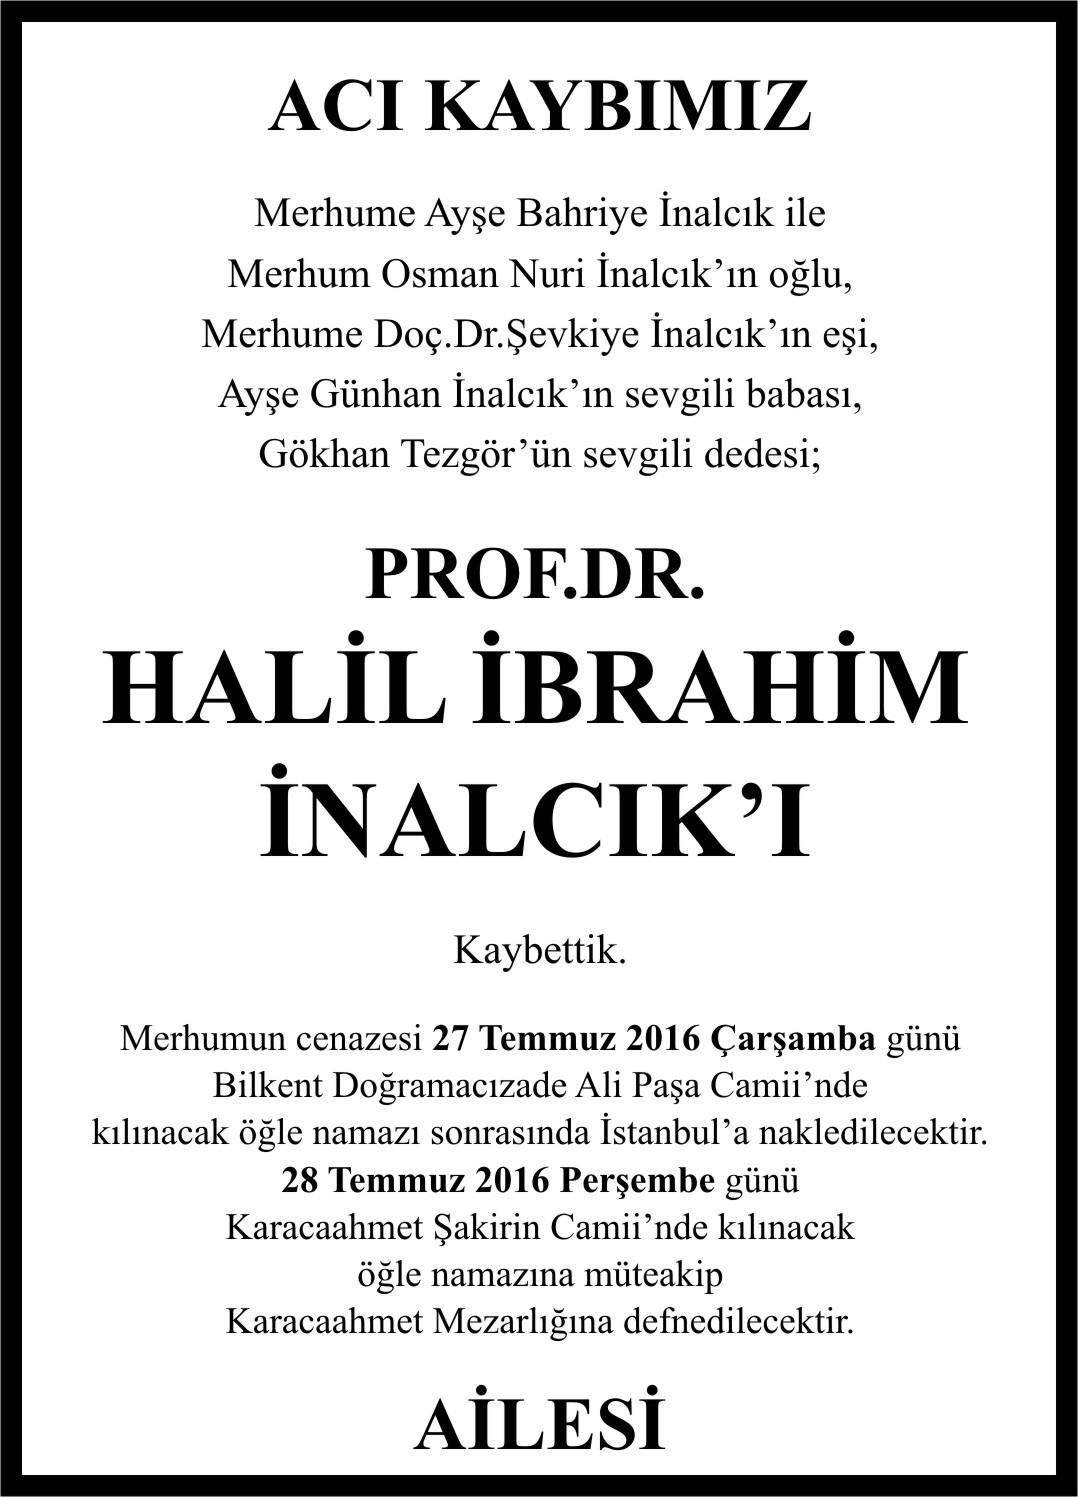 prof dr Halil İbrahil İnancık vefat ilanı